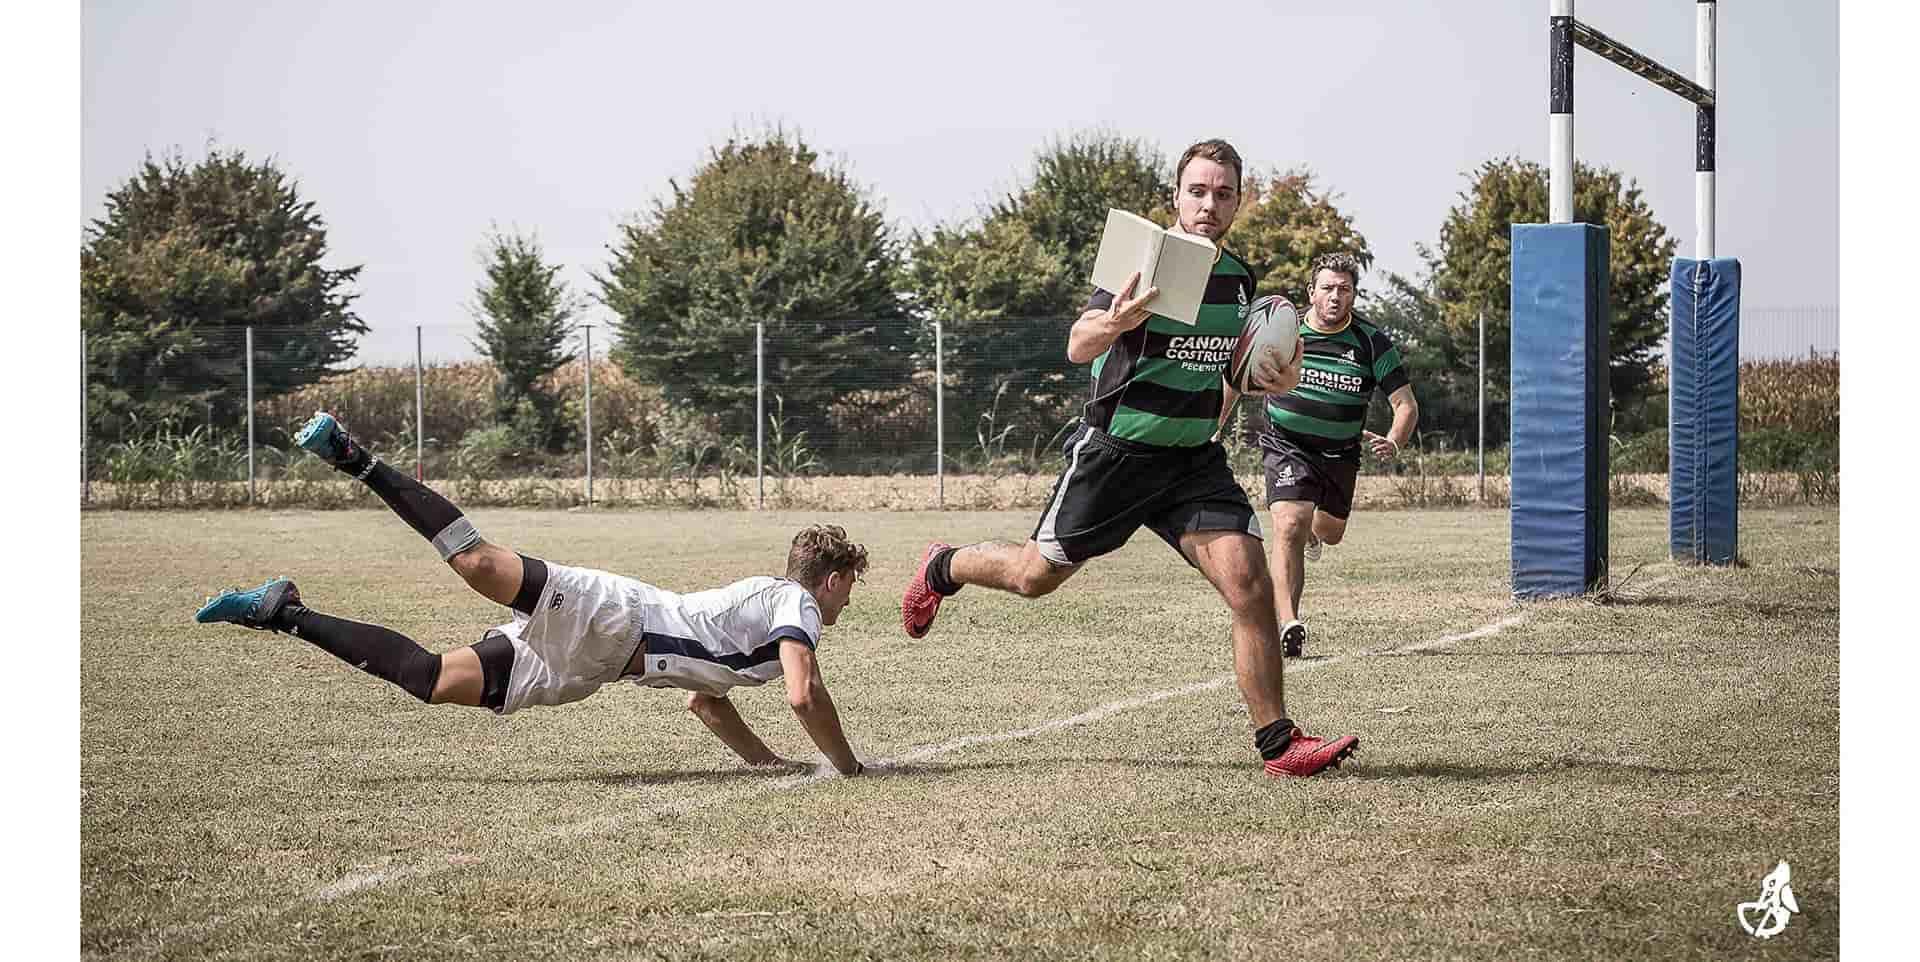 Rugbista del Chieri Rugby che corre verso la meta con la palla in mano leggendo un libro